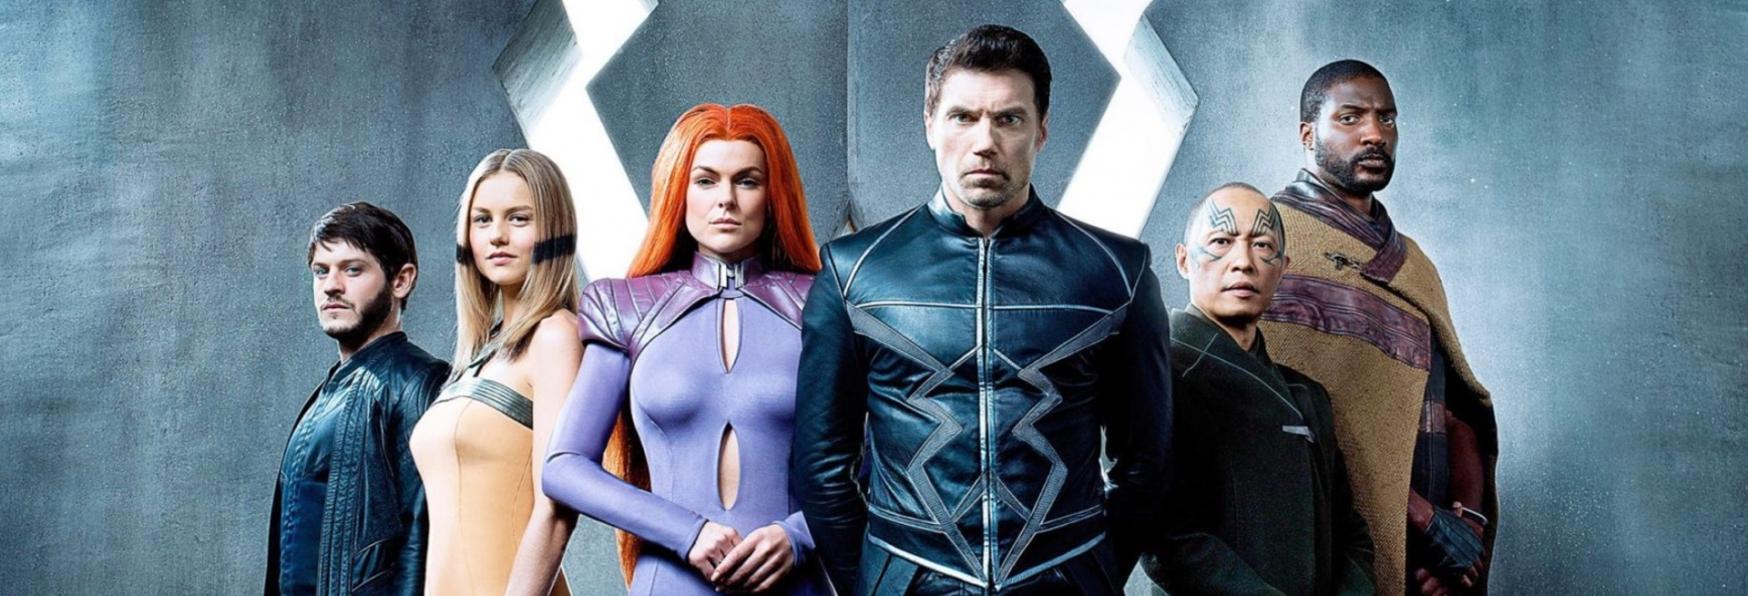 The Falcon and The Winter Soldier: la Serie TV mostrerà gli Inumani?